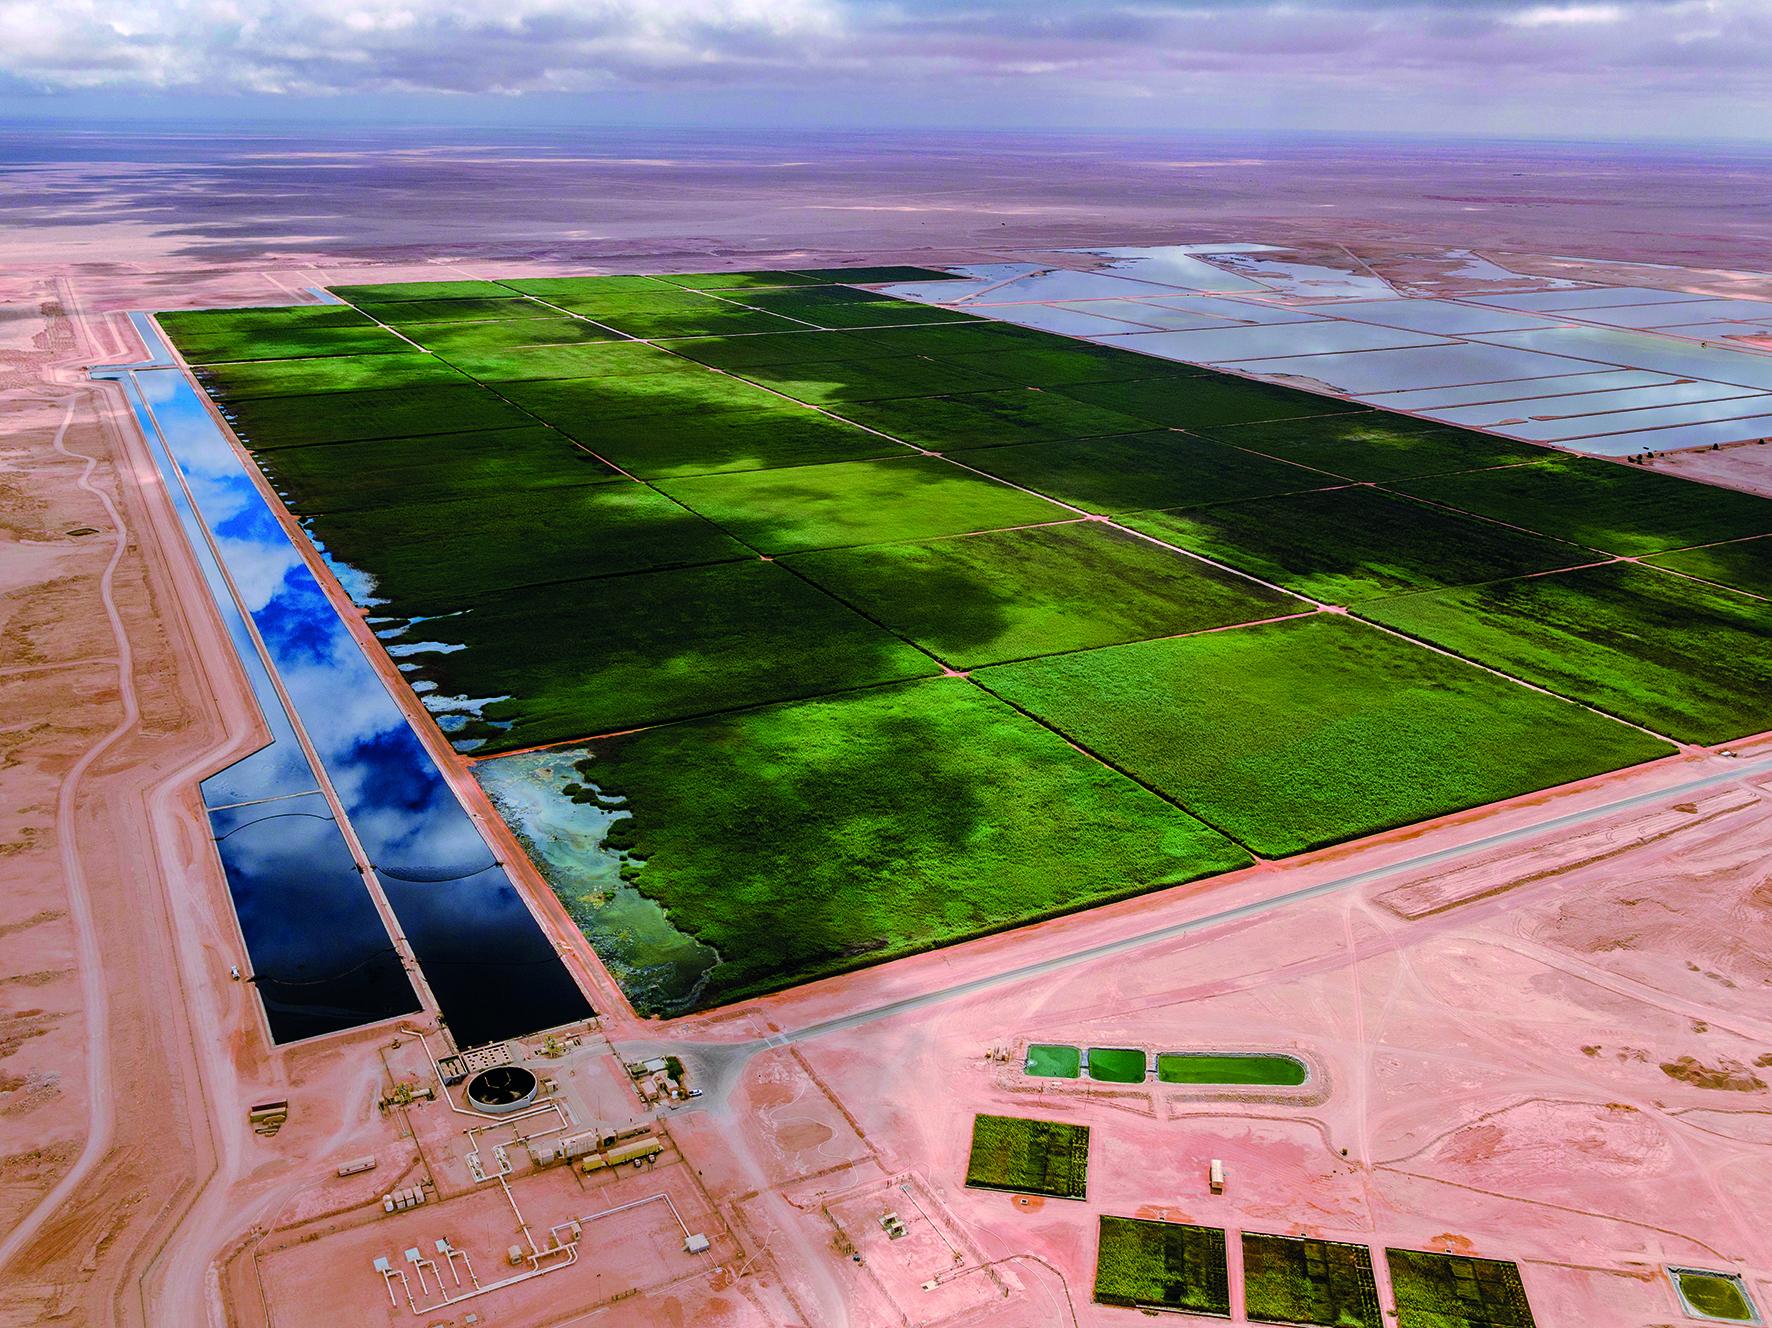 Green Oasis in the Desert